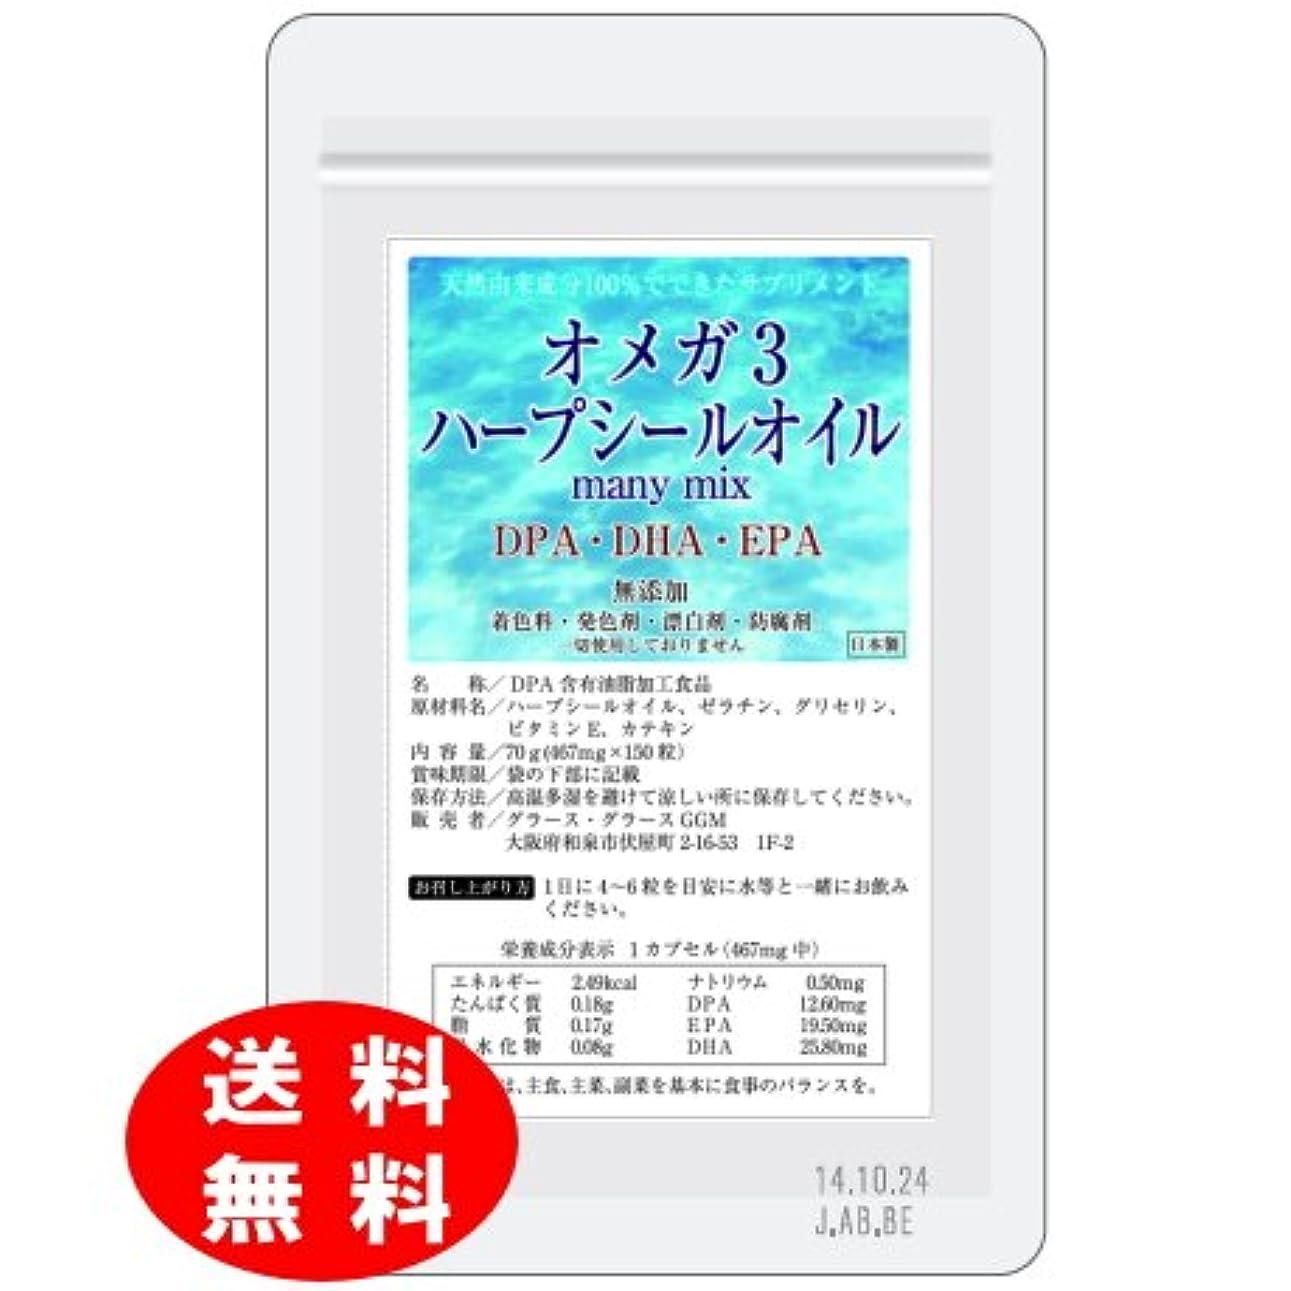 療法自治的理容室オメガ3 ハープシールオイル(アザラシオイル) many mix 150粒